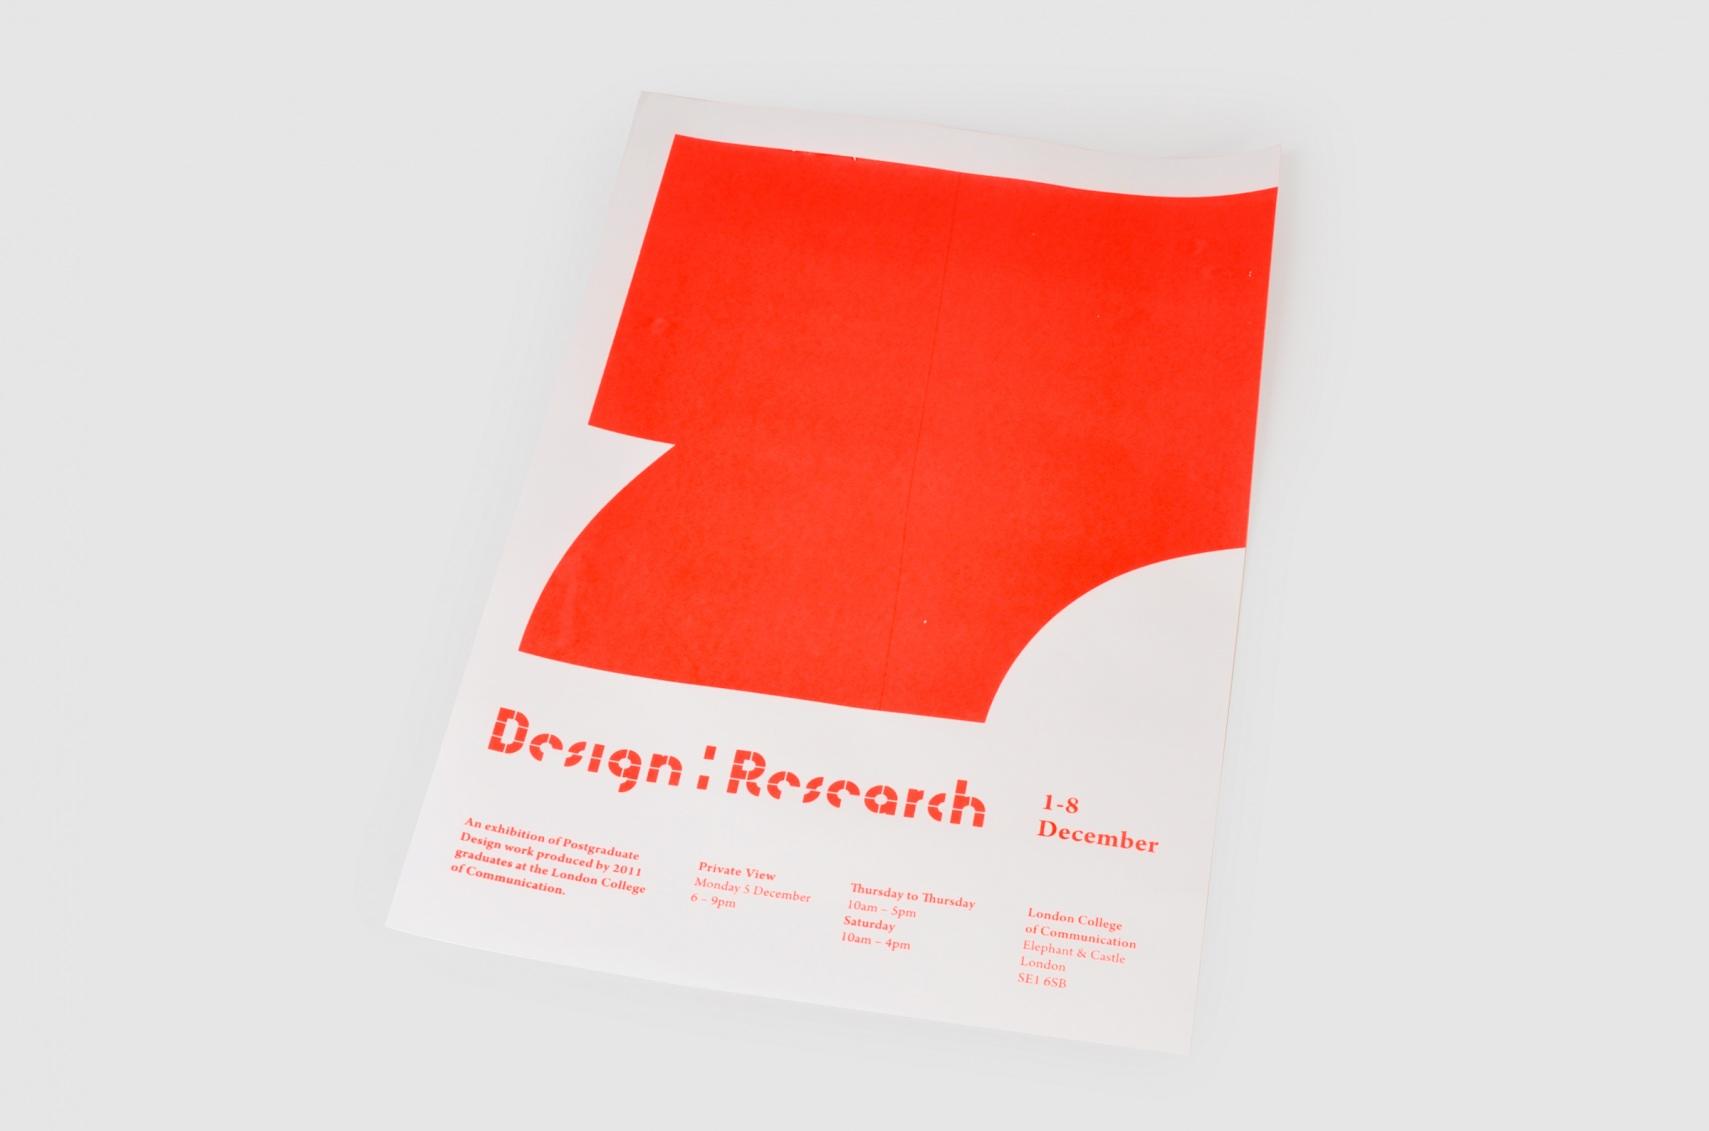 DesignResearch_1h.jpg